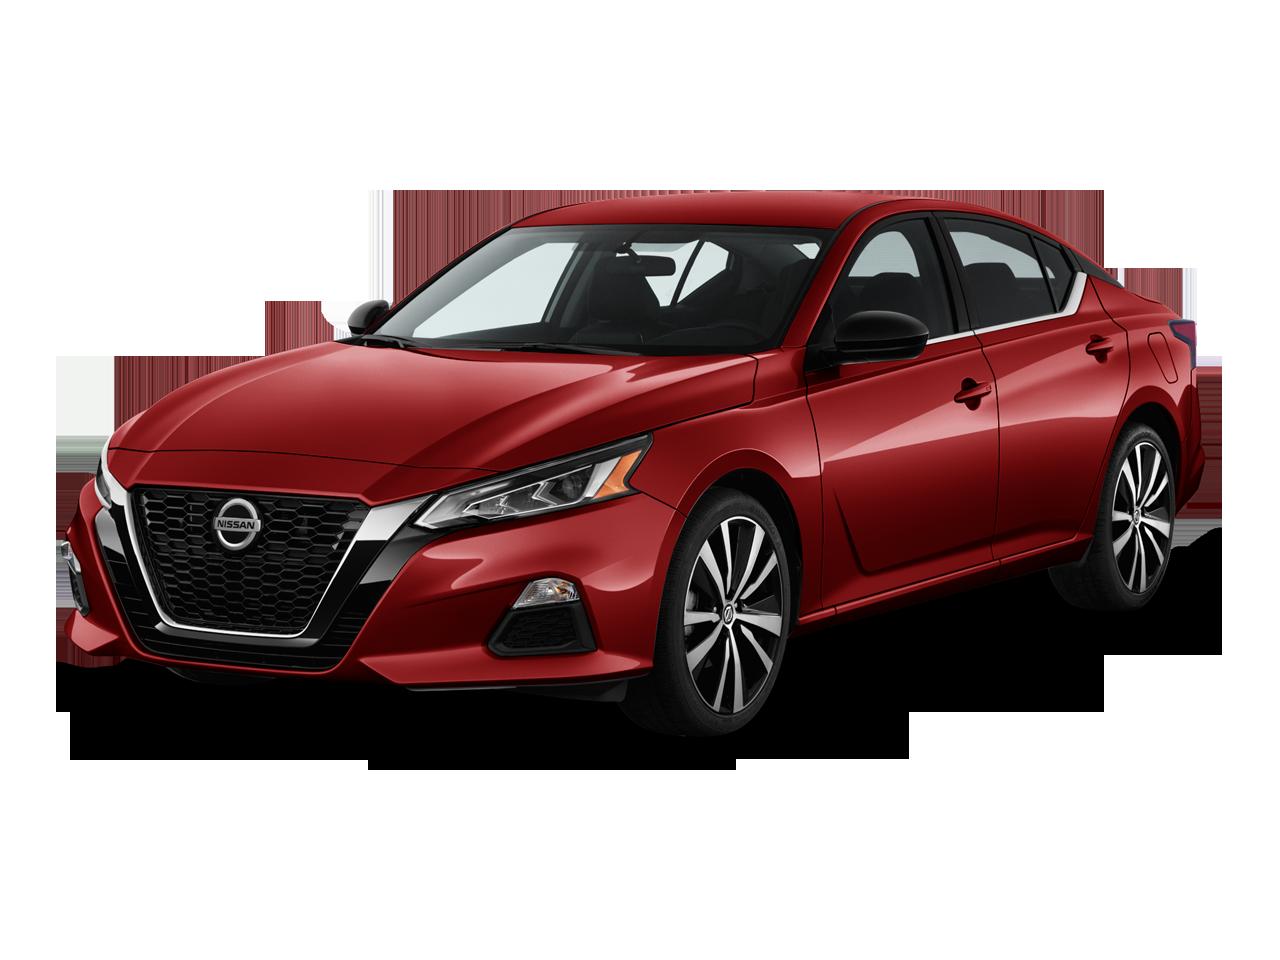 New 2019 Nissan Altima 2.5 SR near Keyport, NJ - Pine Belt ...